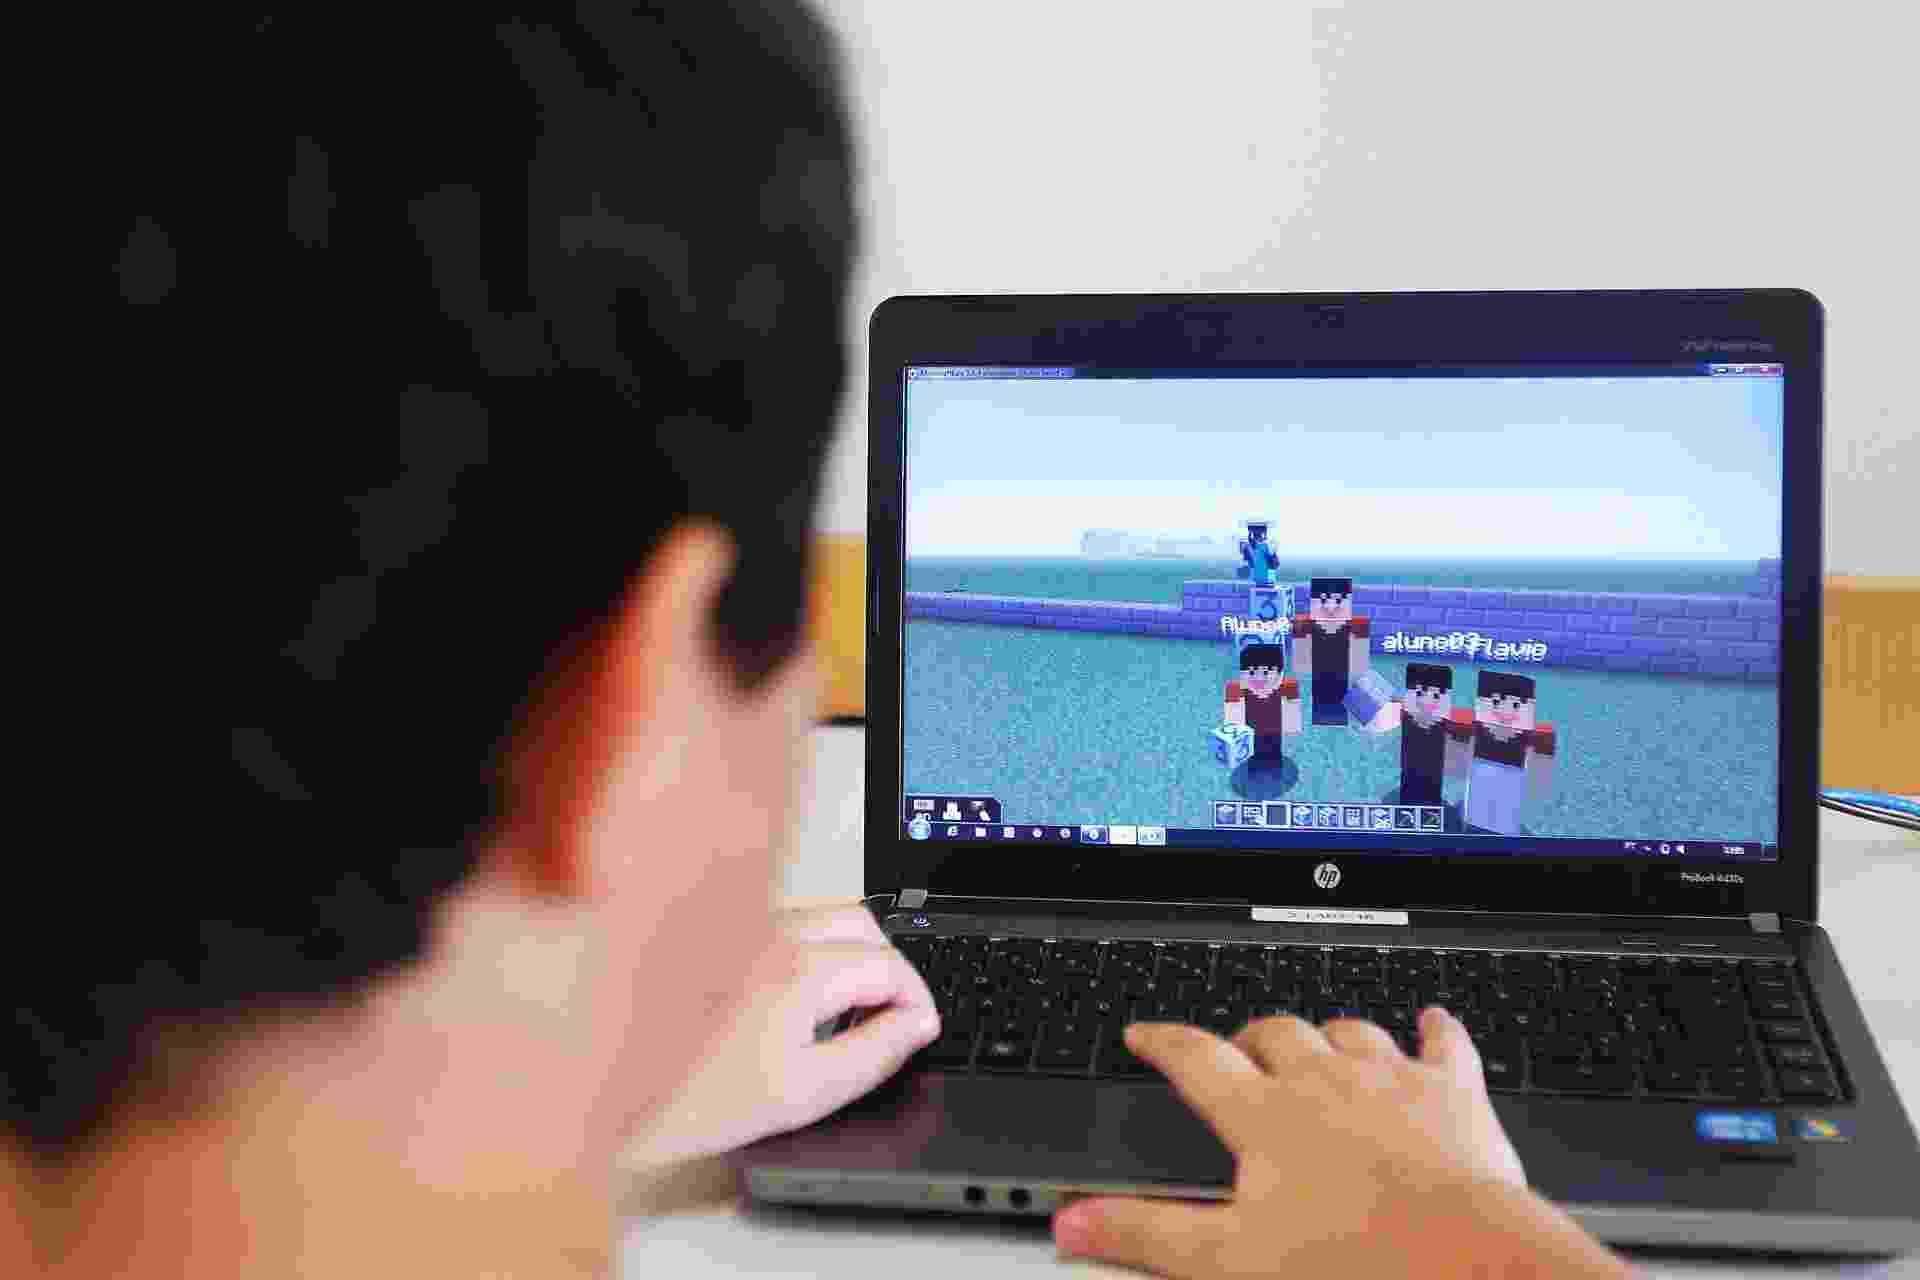 Alunos do colegio Visconde de Porto Seguro no Panamby usam o game Minecraft para desenvolver habilidades - Reinado Canato/UOL